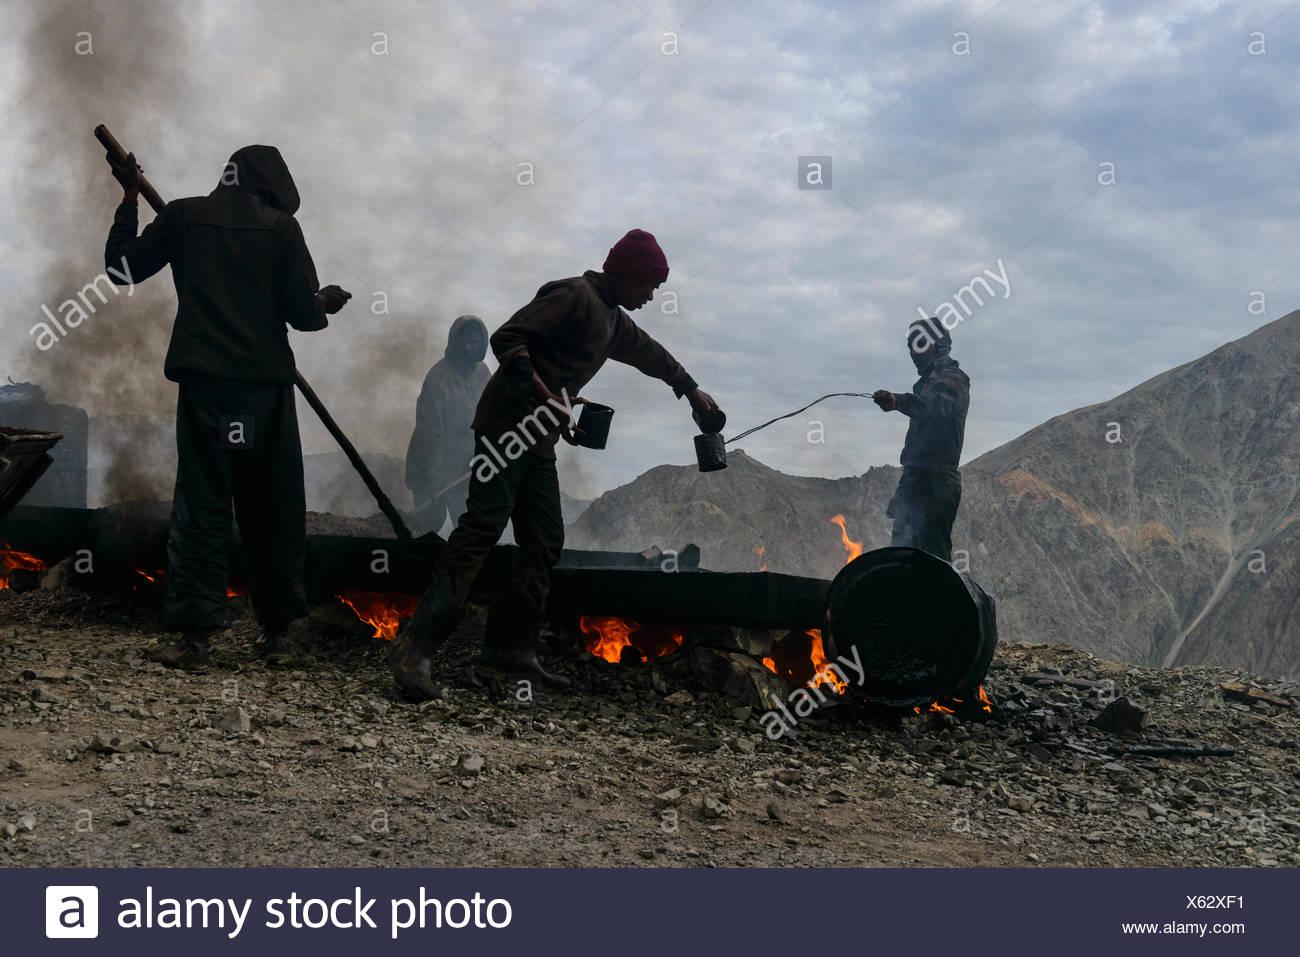 Straßenbauarbeiten, getan unter sehr ungesunden Bedingungen für die Arbeiter, Gästehaus, Ladakh, Jammu und Kaschmir, Indien Stockbild